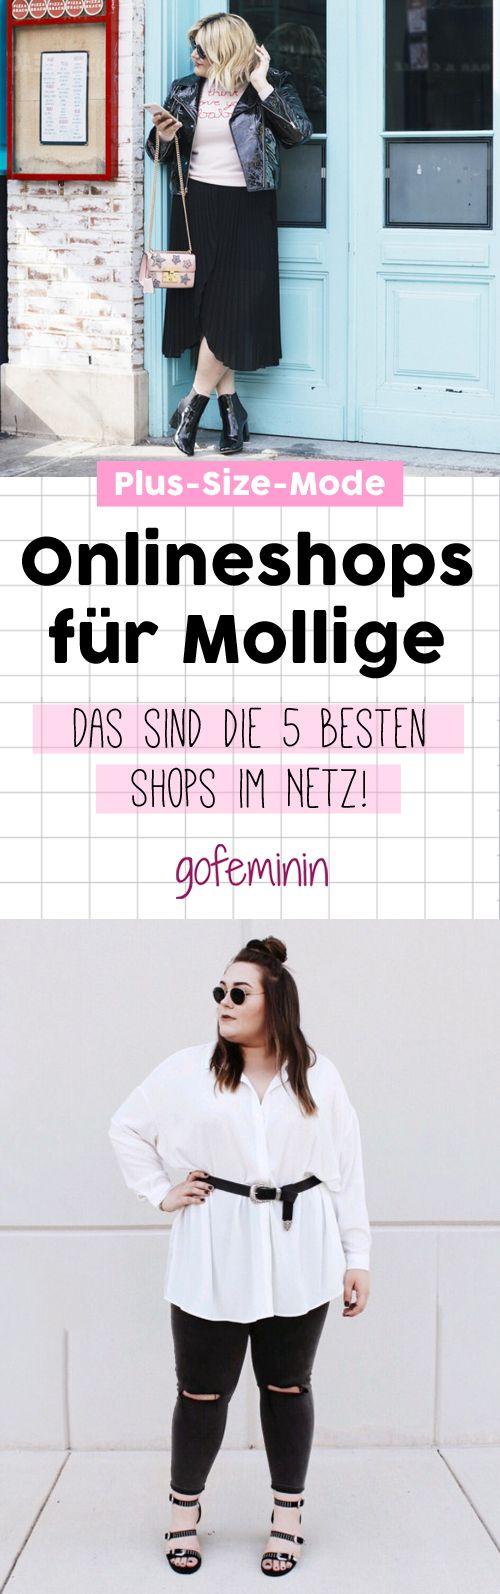 Kurvige Fashionistas aufgepasst: 5 geniale Online-Shops für mollige Frauen